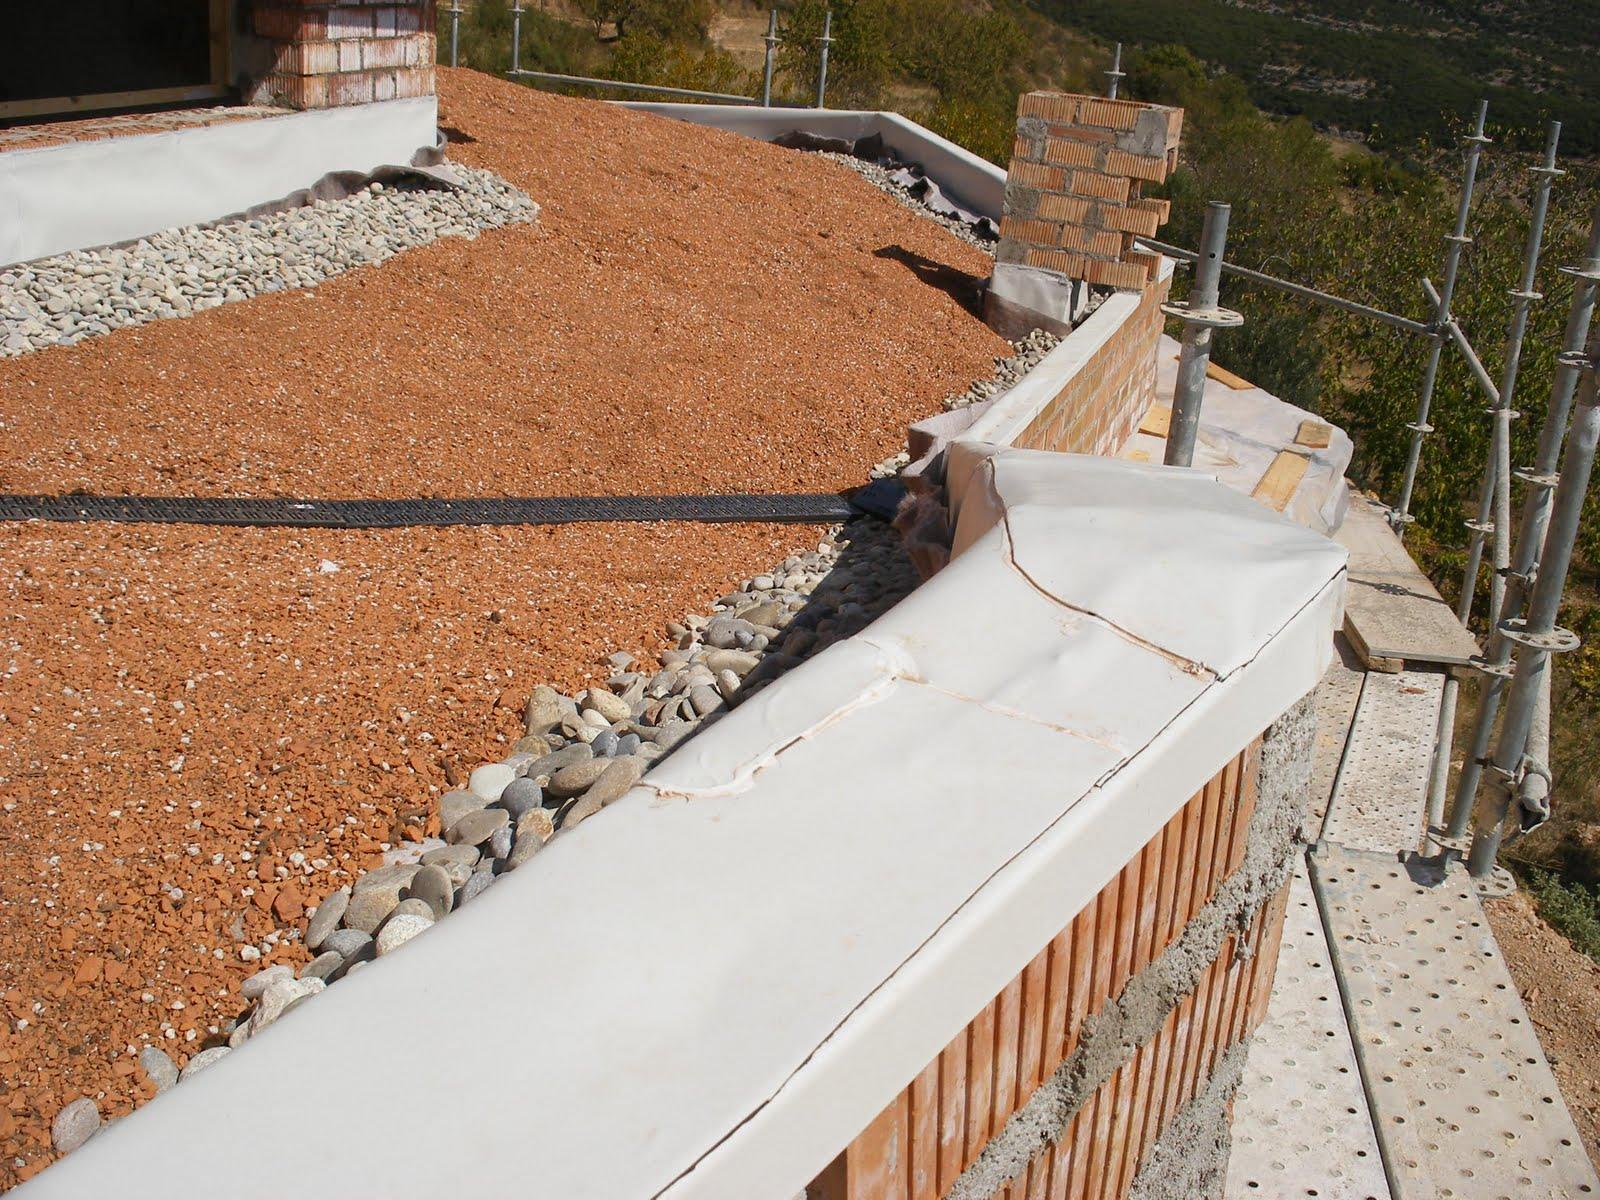 Construyendo la casa bioclimática: 12. Construcción 8. Cubiertas  #905D3B 1600x1200